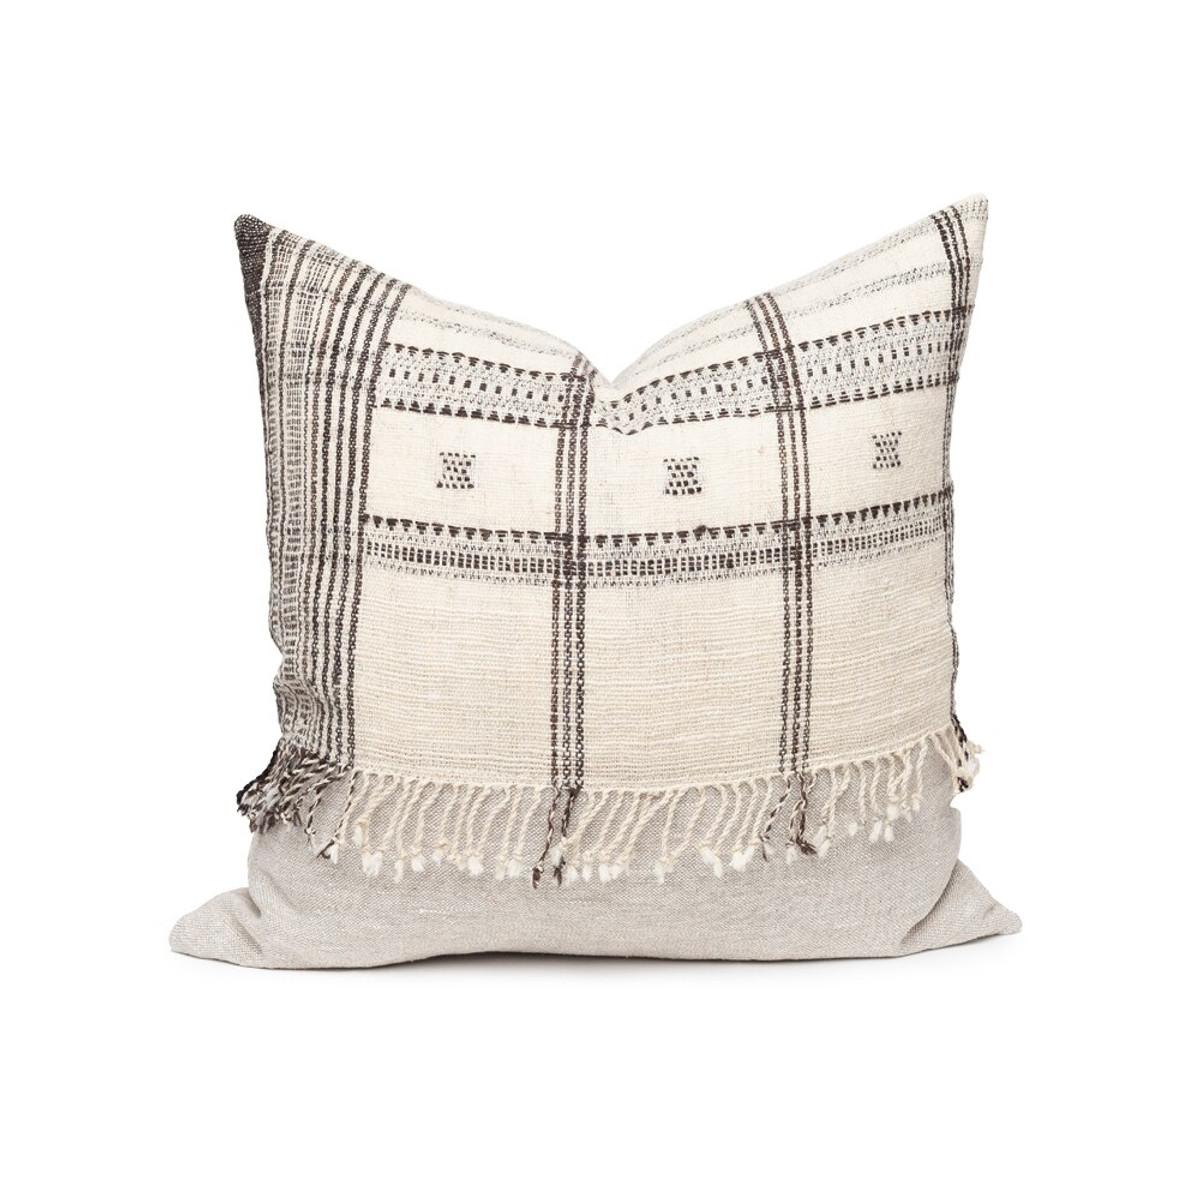 The Morgan Pillow